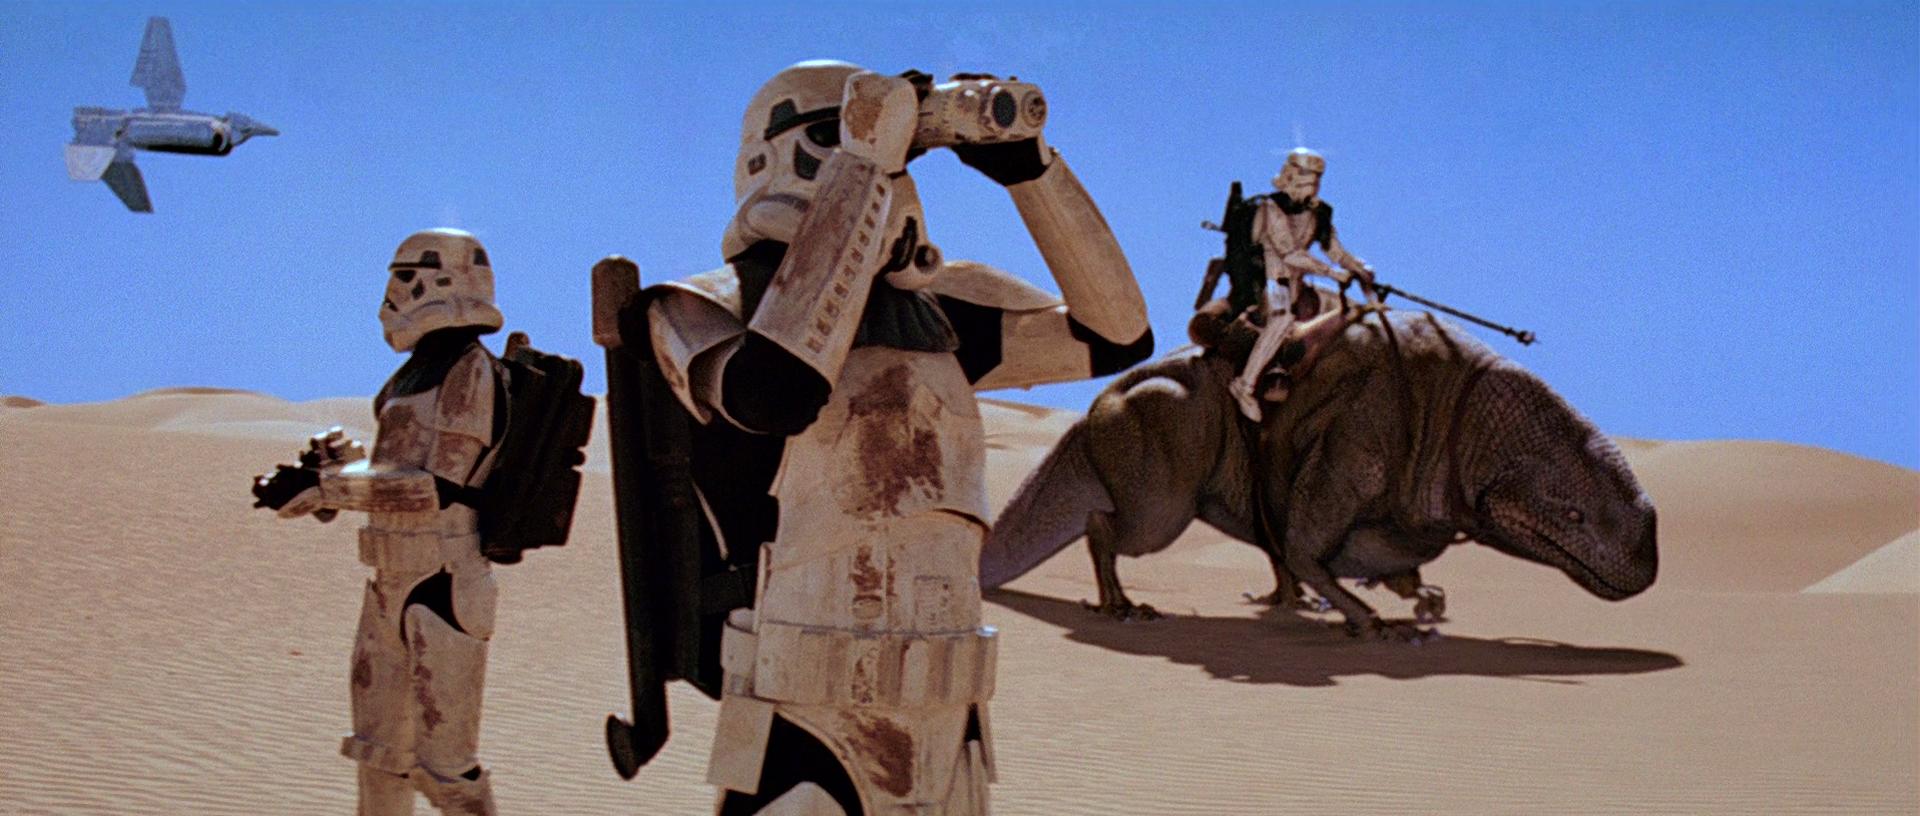 List Of Changes In Star Wars Rereleases Wookieepedia FANDOM - Scenes original star wars created cgi